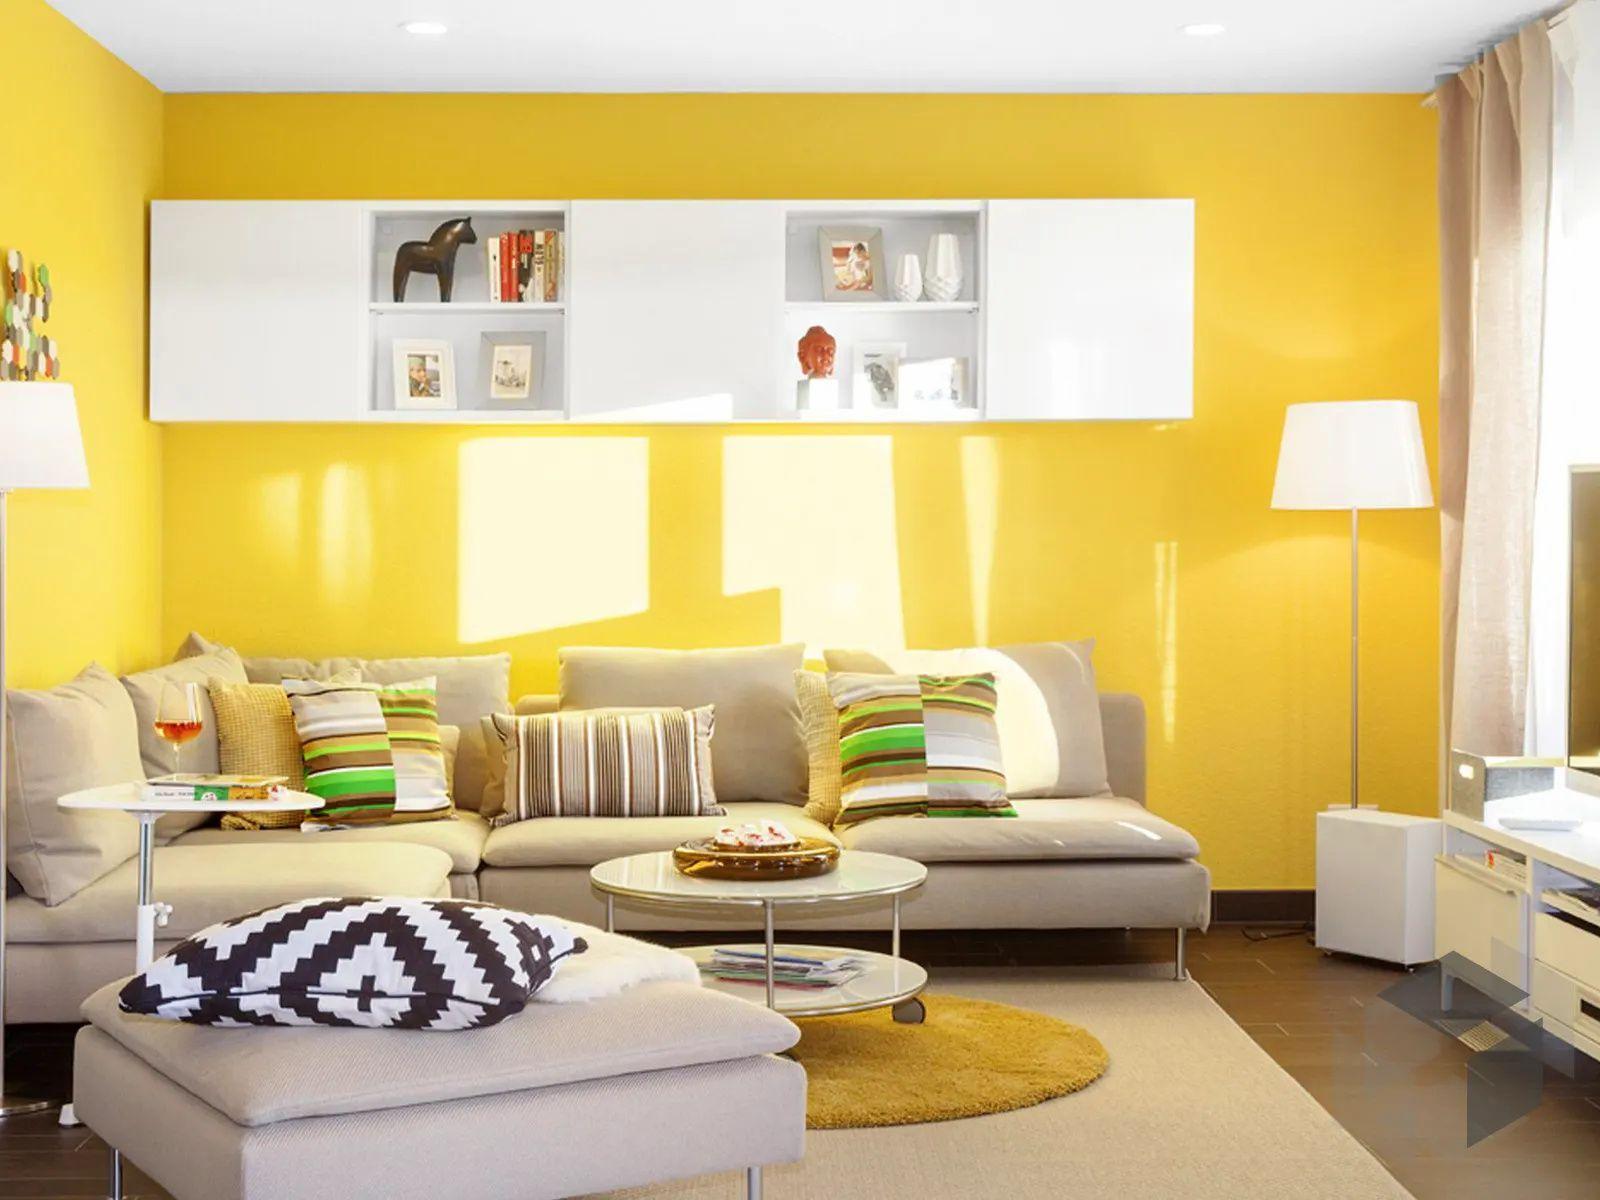 Gelbe Wand im Wohnzimmer Deko in 10  Schwörer haus, Wohnzimmer